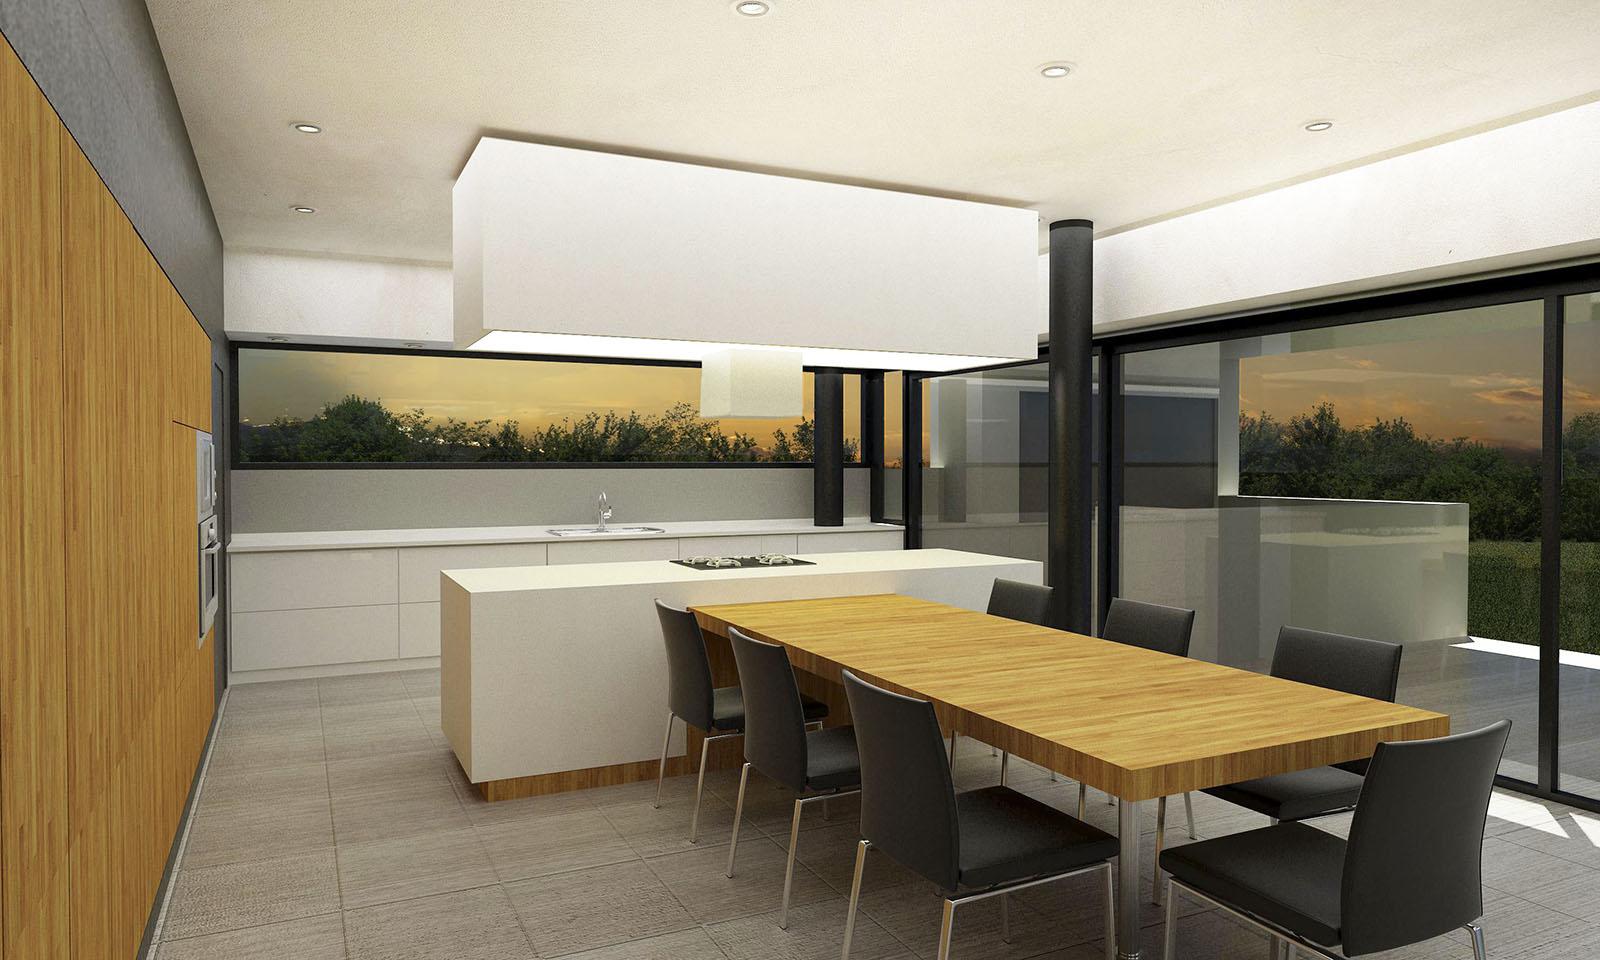 comedores modernos, integración cocina y comedor, cocinas modernas